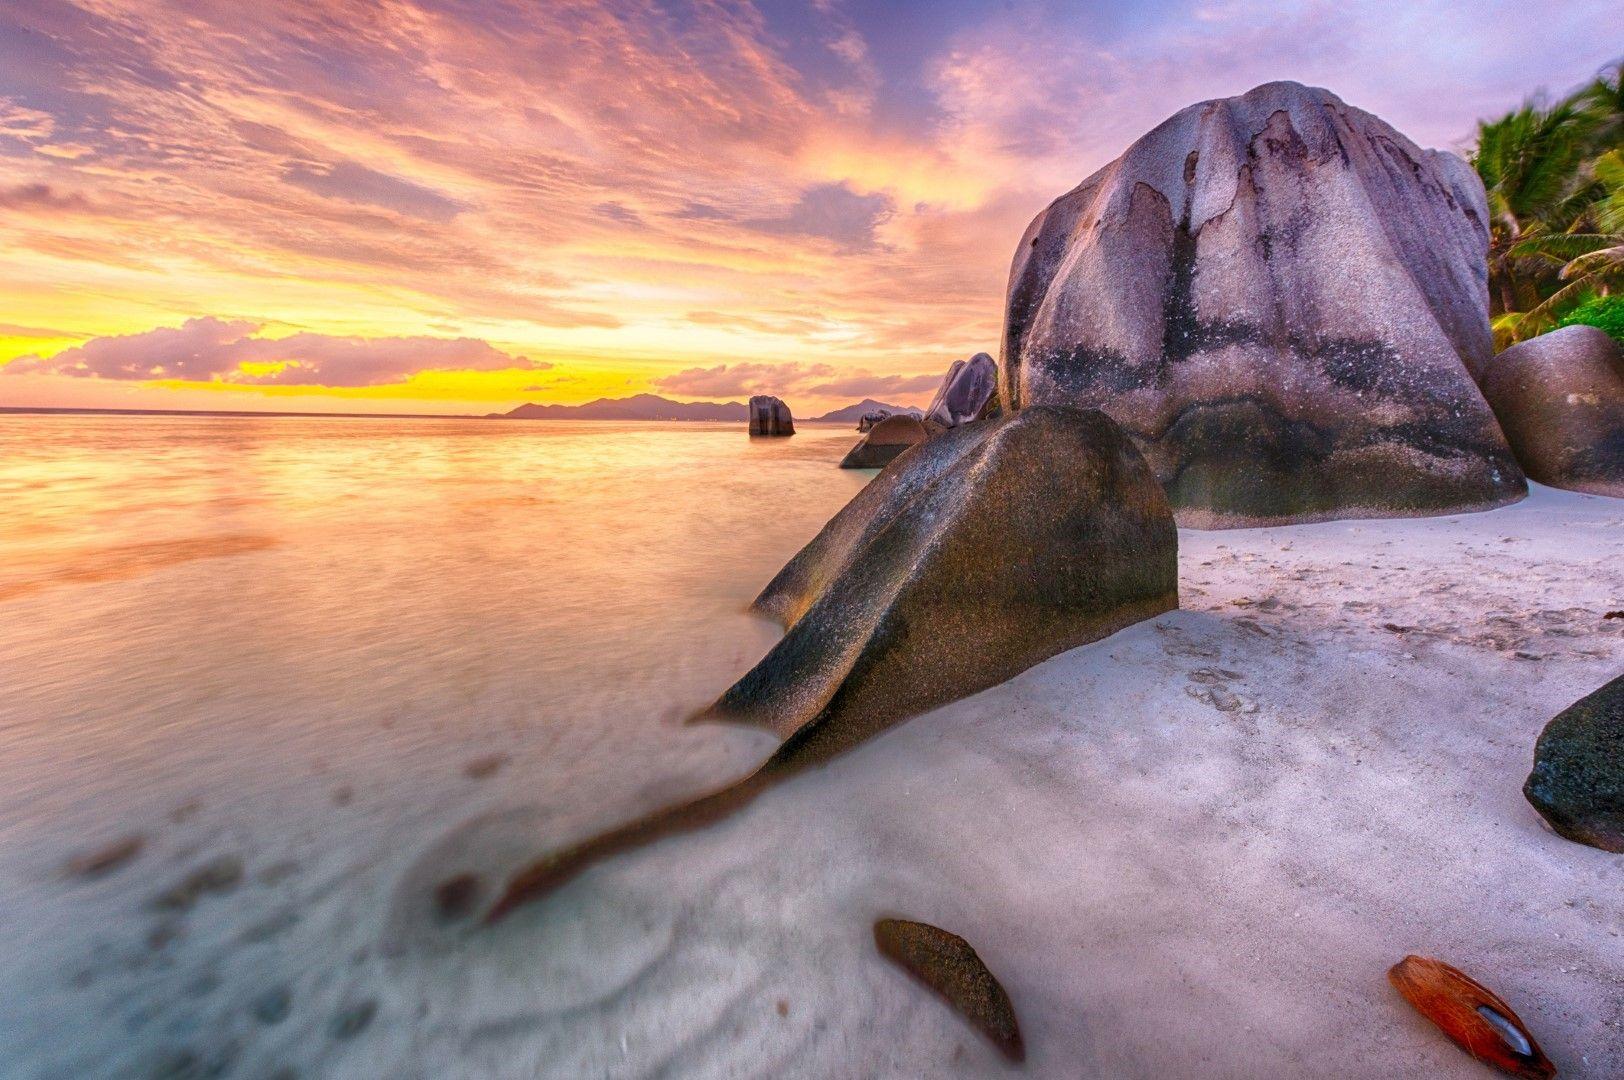 Плаж Анс Сорс д'Аржан, Сейшелите, почти изцяло погълнат от прилива